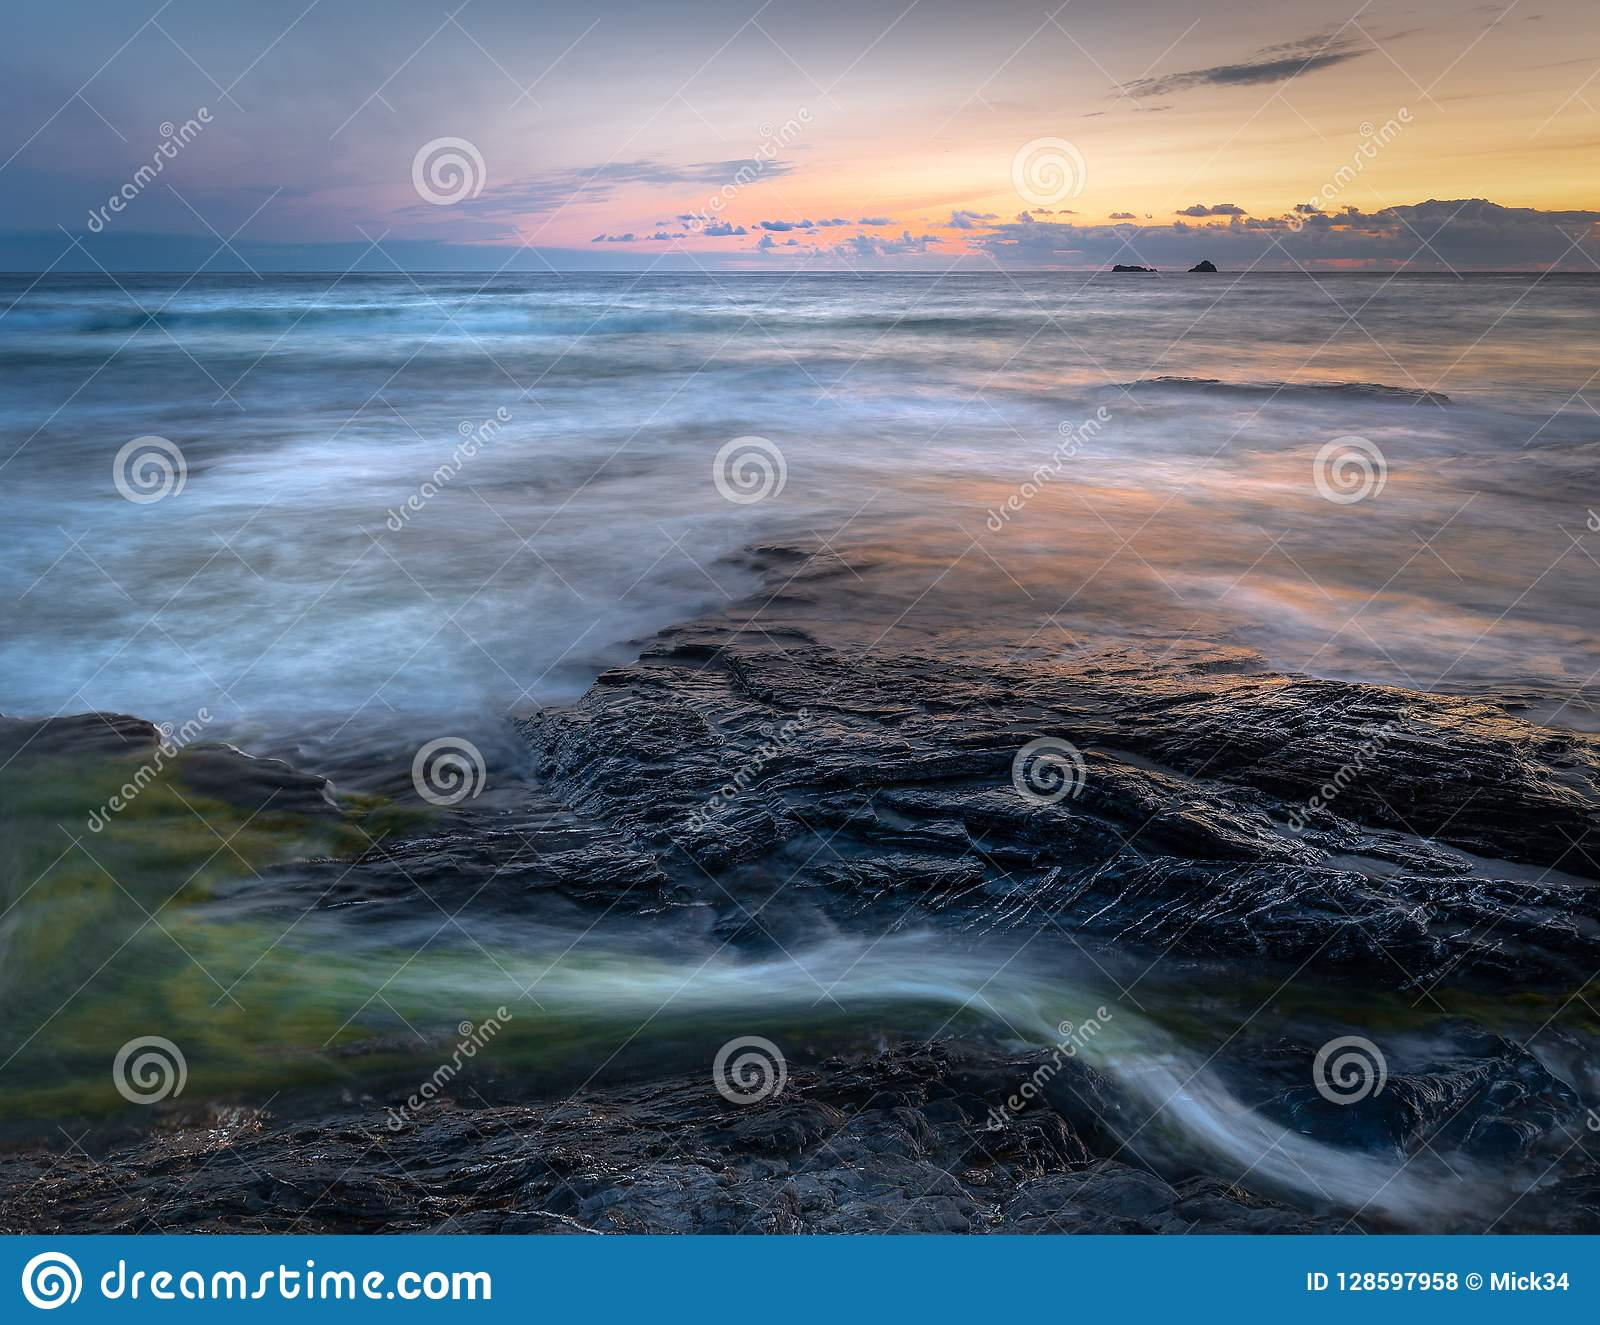 平静的海景和前光,康斯坦丁海湾,康沃尔郡